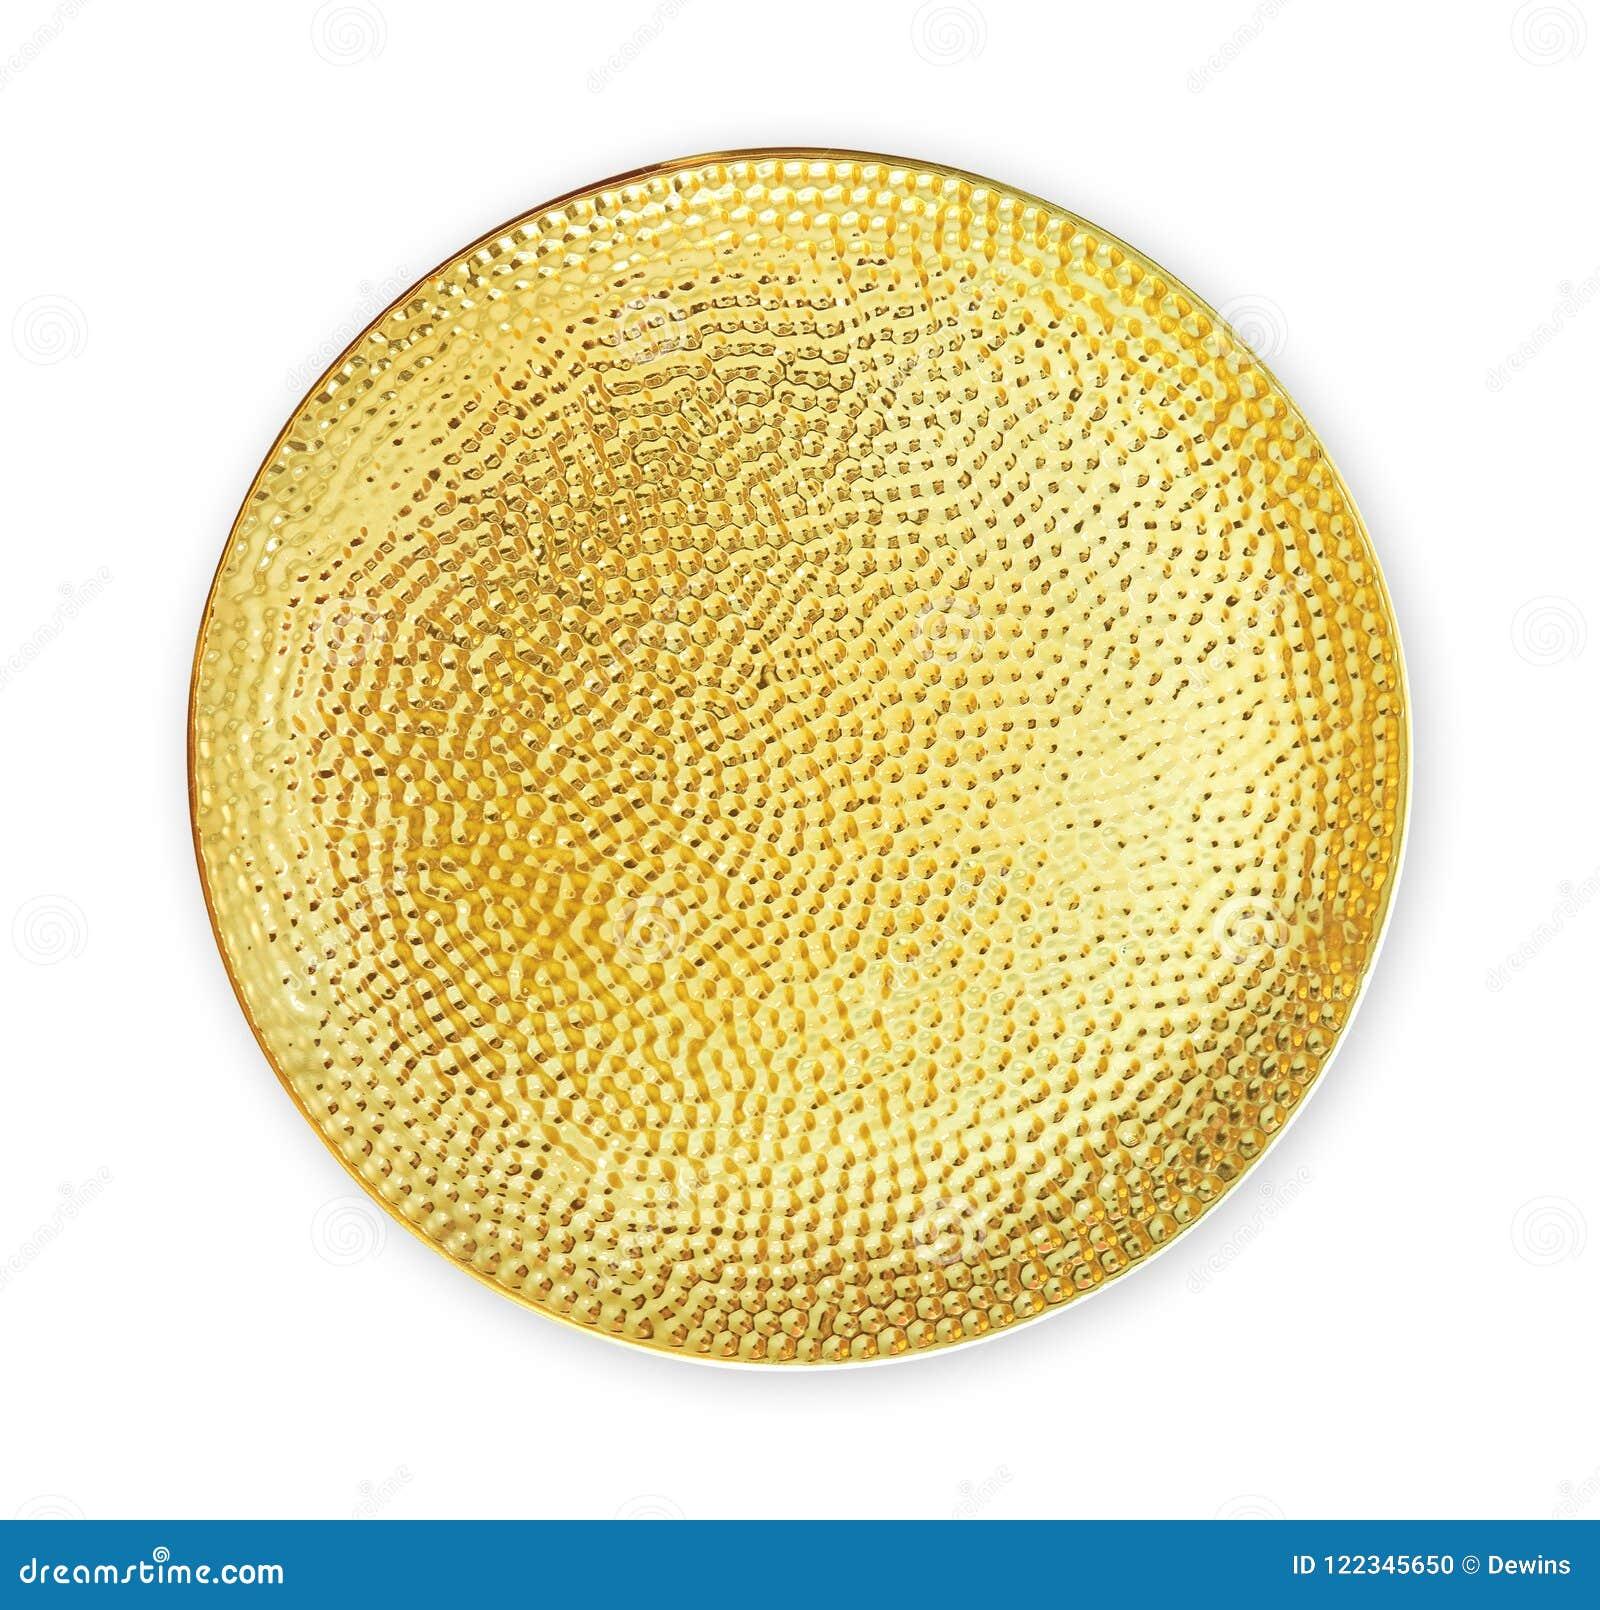 Pusty ceramiczny talerz, Złocisty talerz z szorstkim wzorem, widok odizolowywający na białym tle z ścinek ścieżką od above